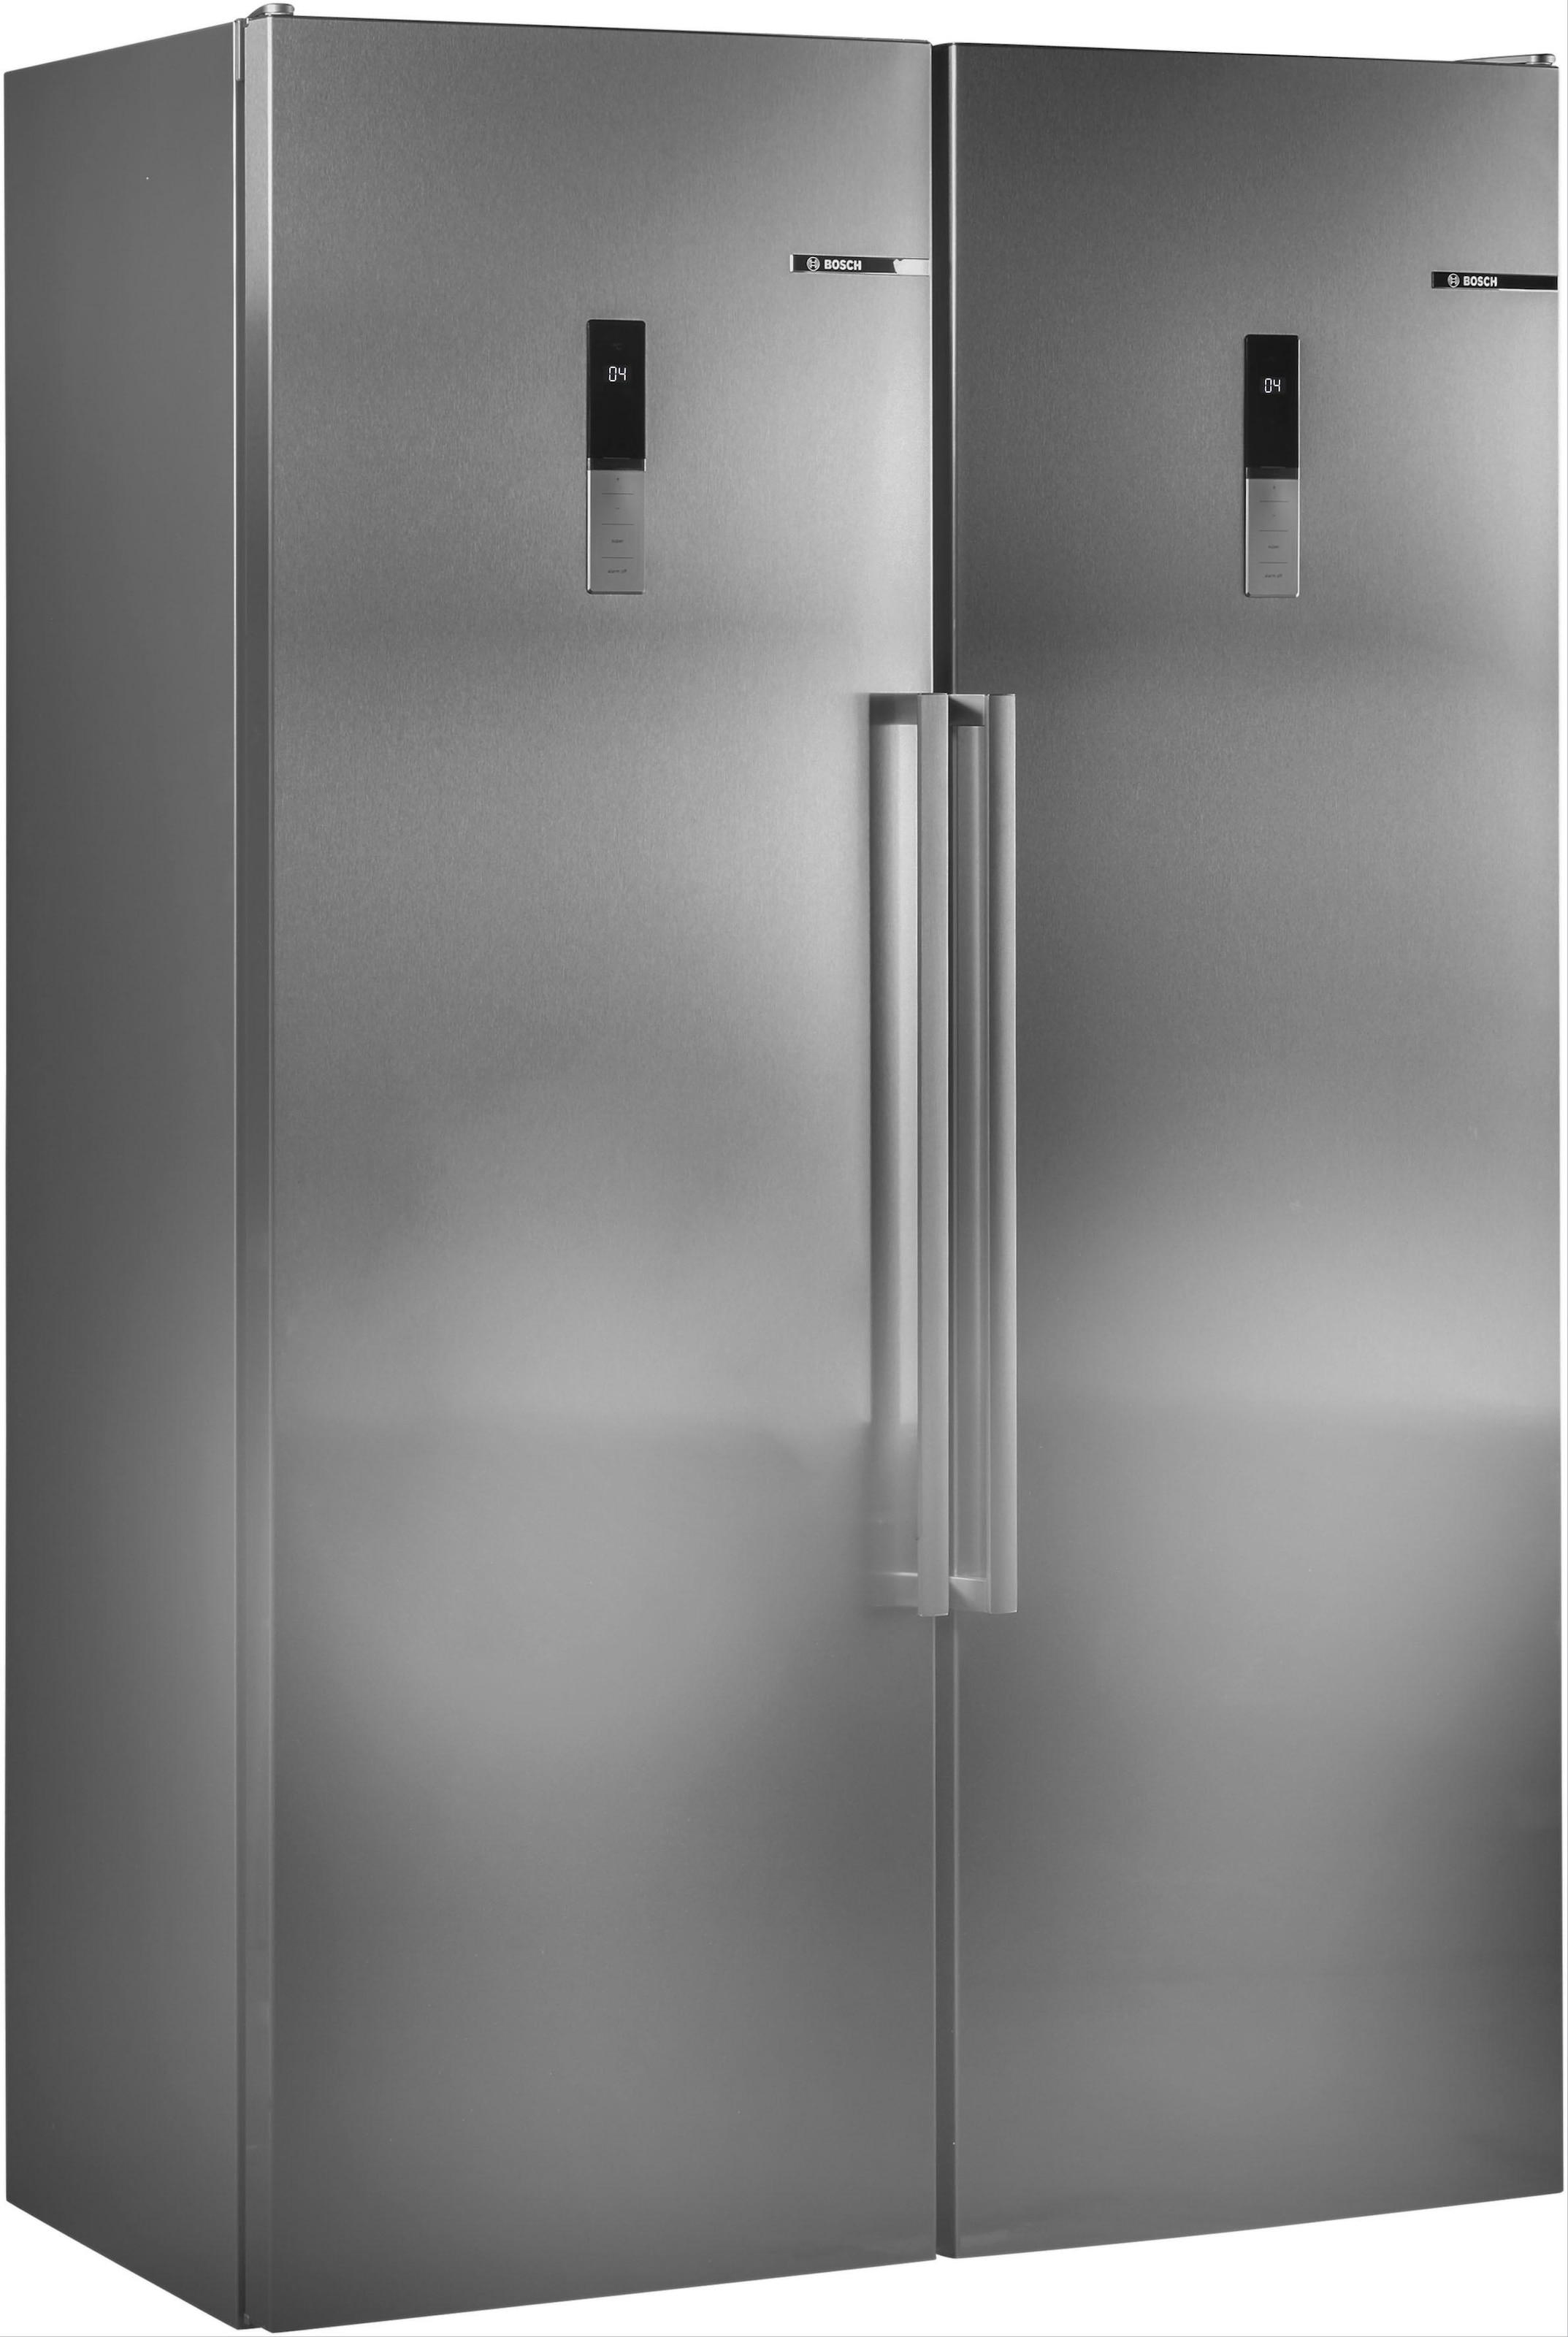 Amerikanischer Kühlschrank 120 Cm Breit : Side by side kühlschrank auf rechnung raten kaufen